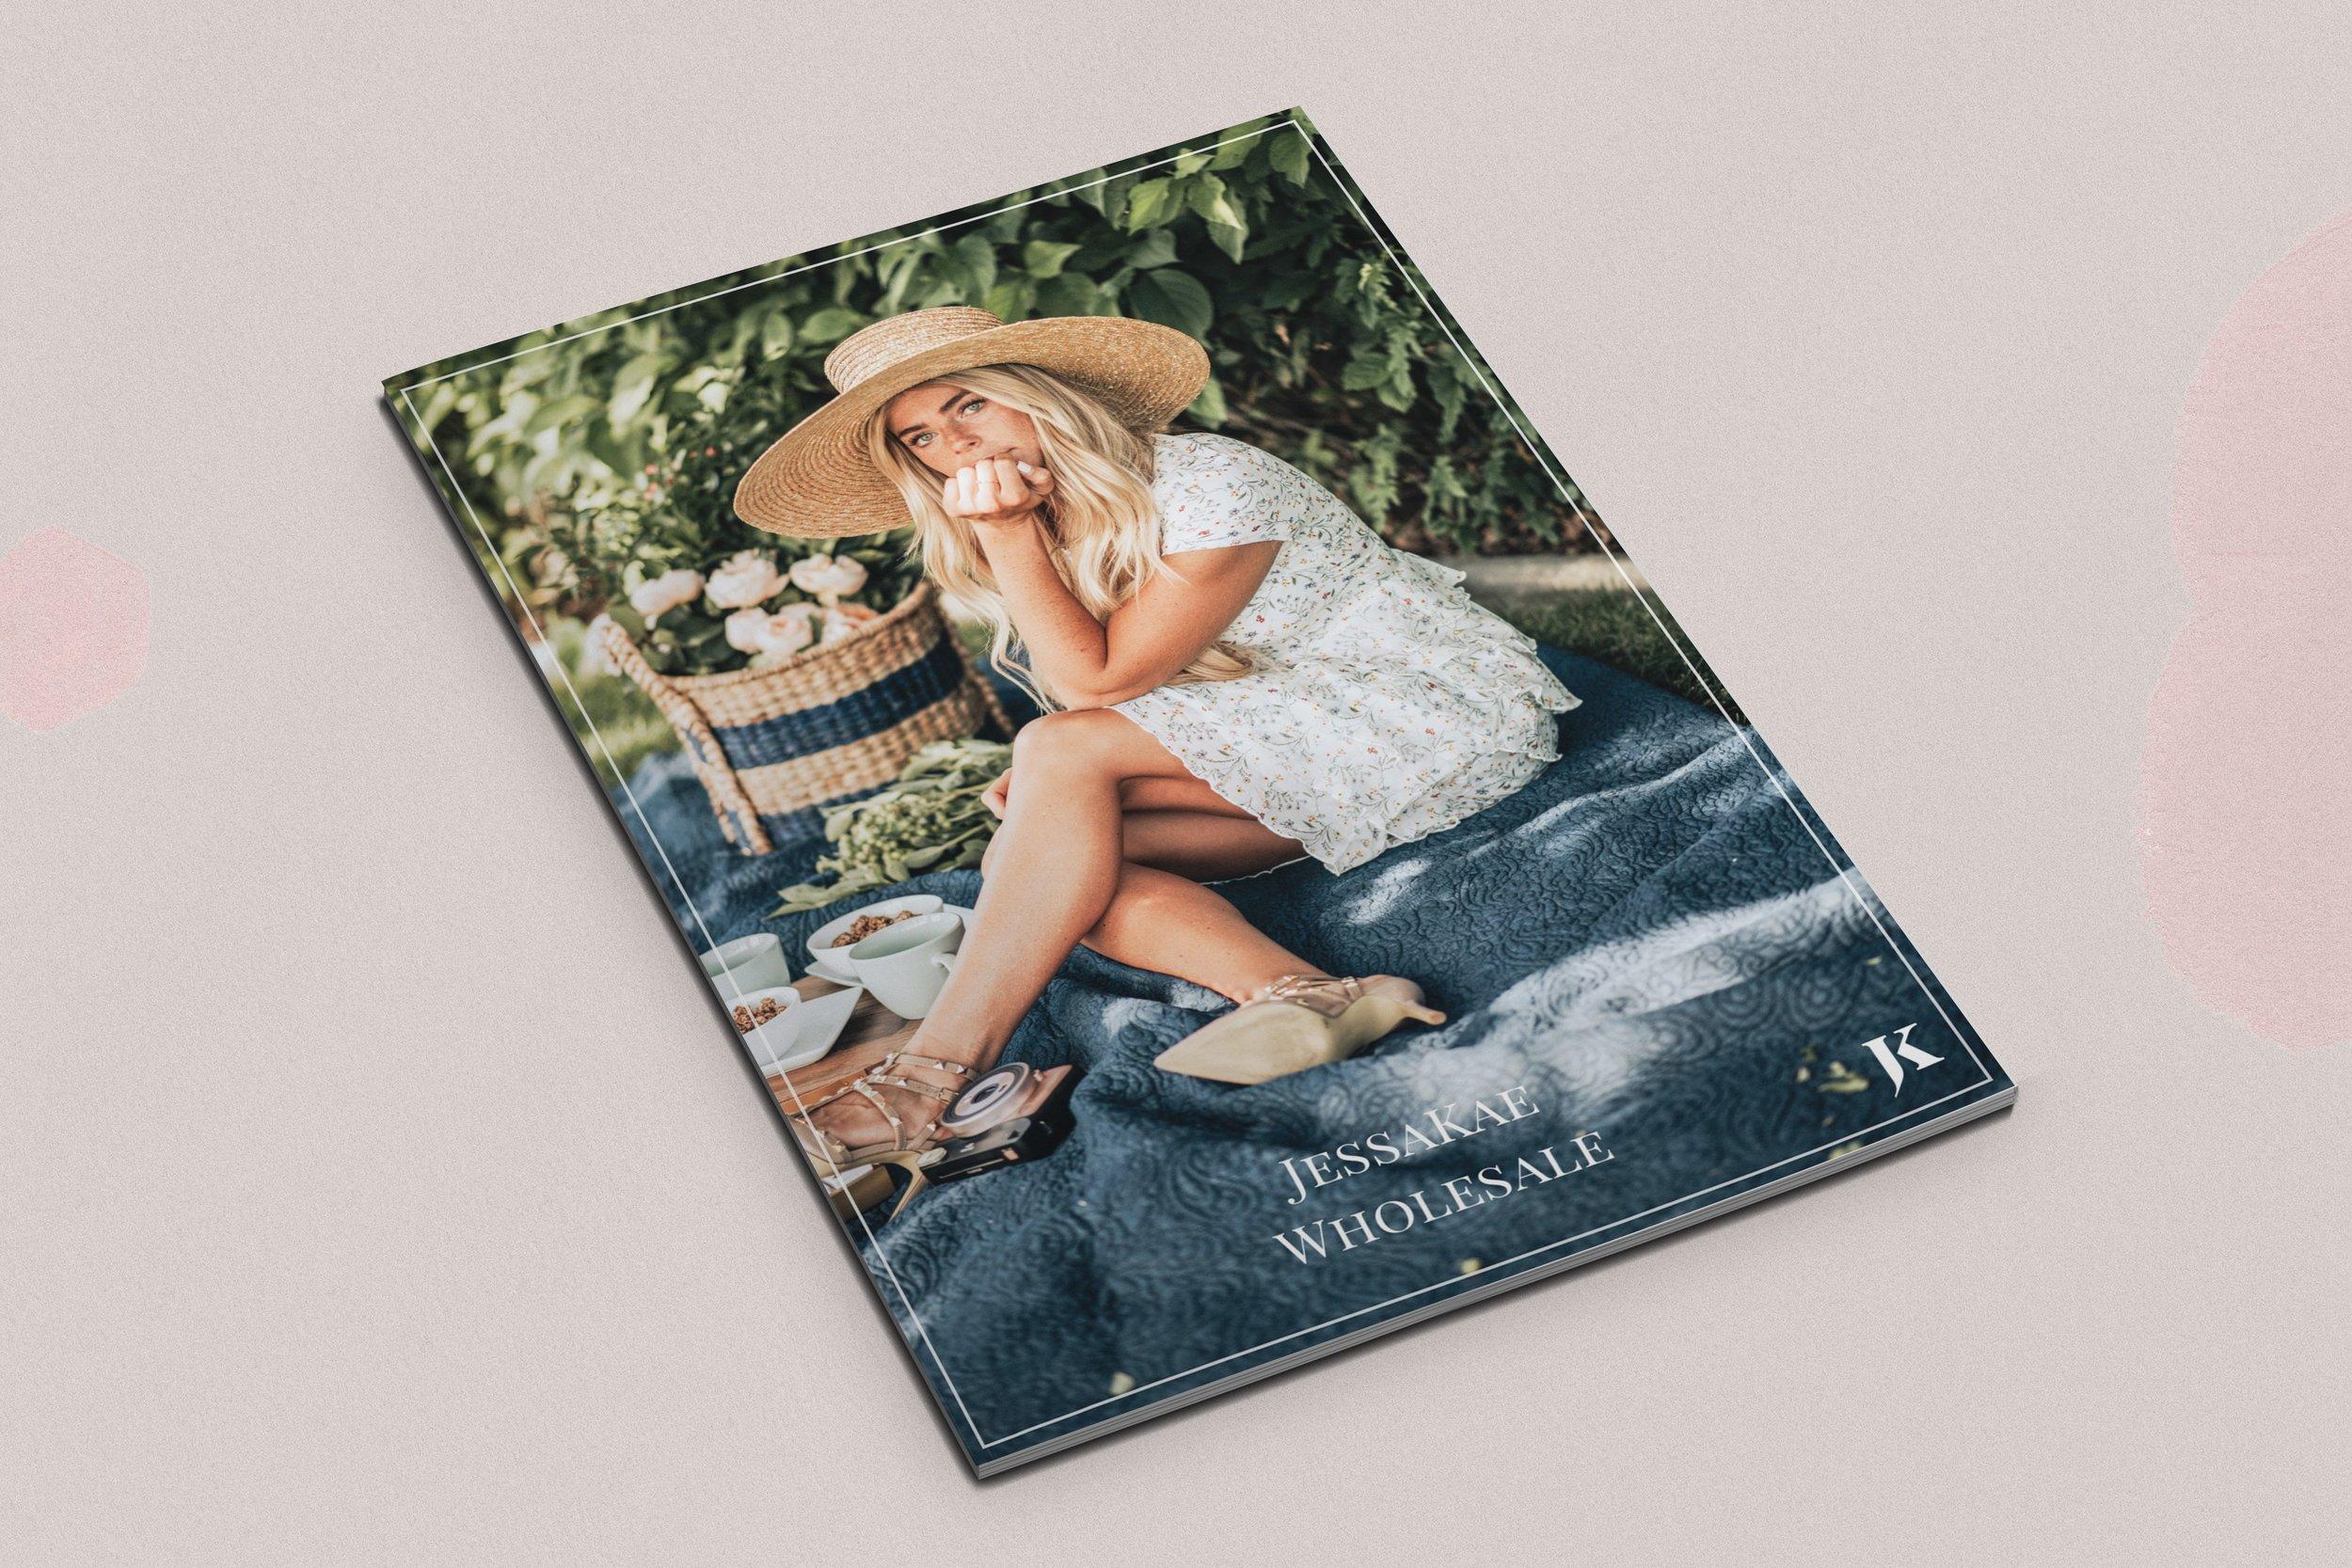 lookbook-design-2-min-min.jpg